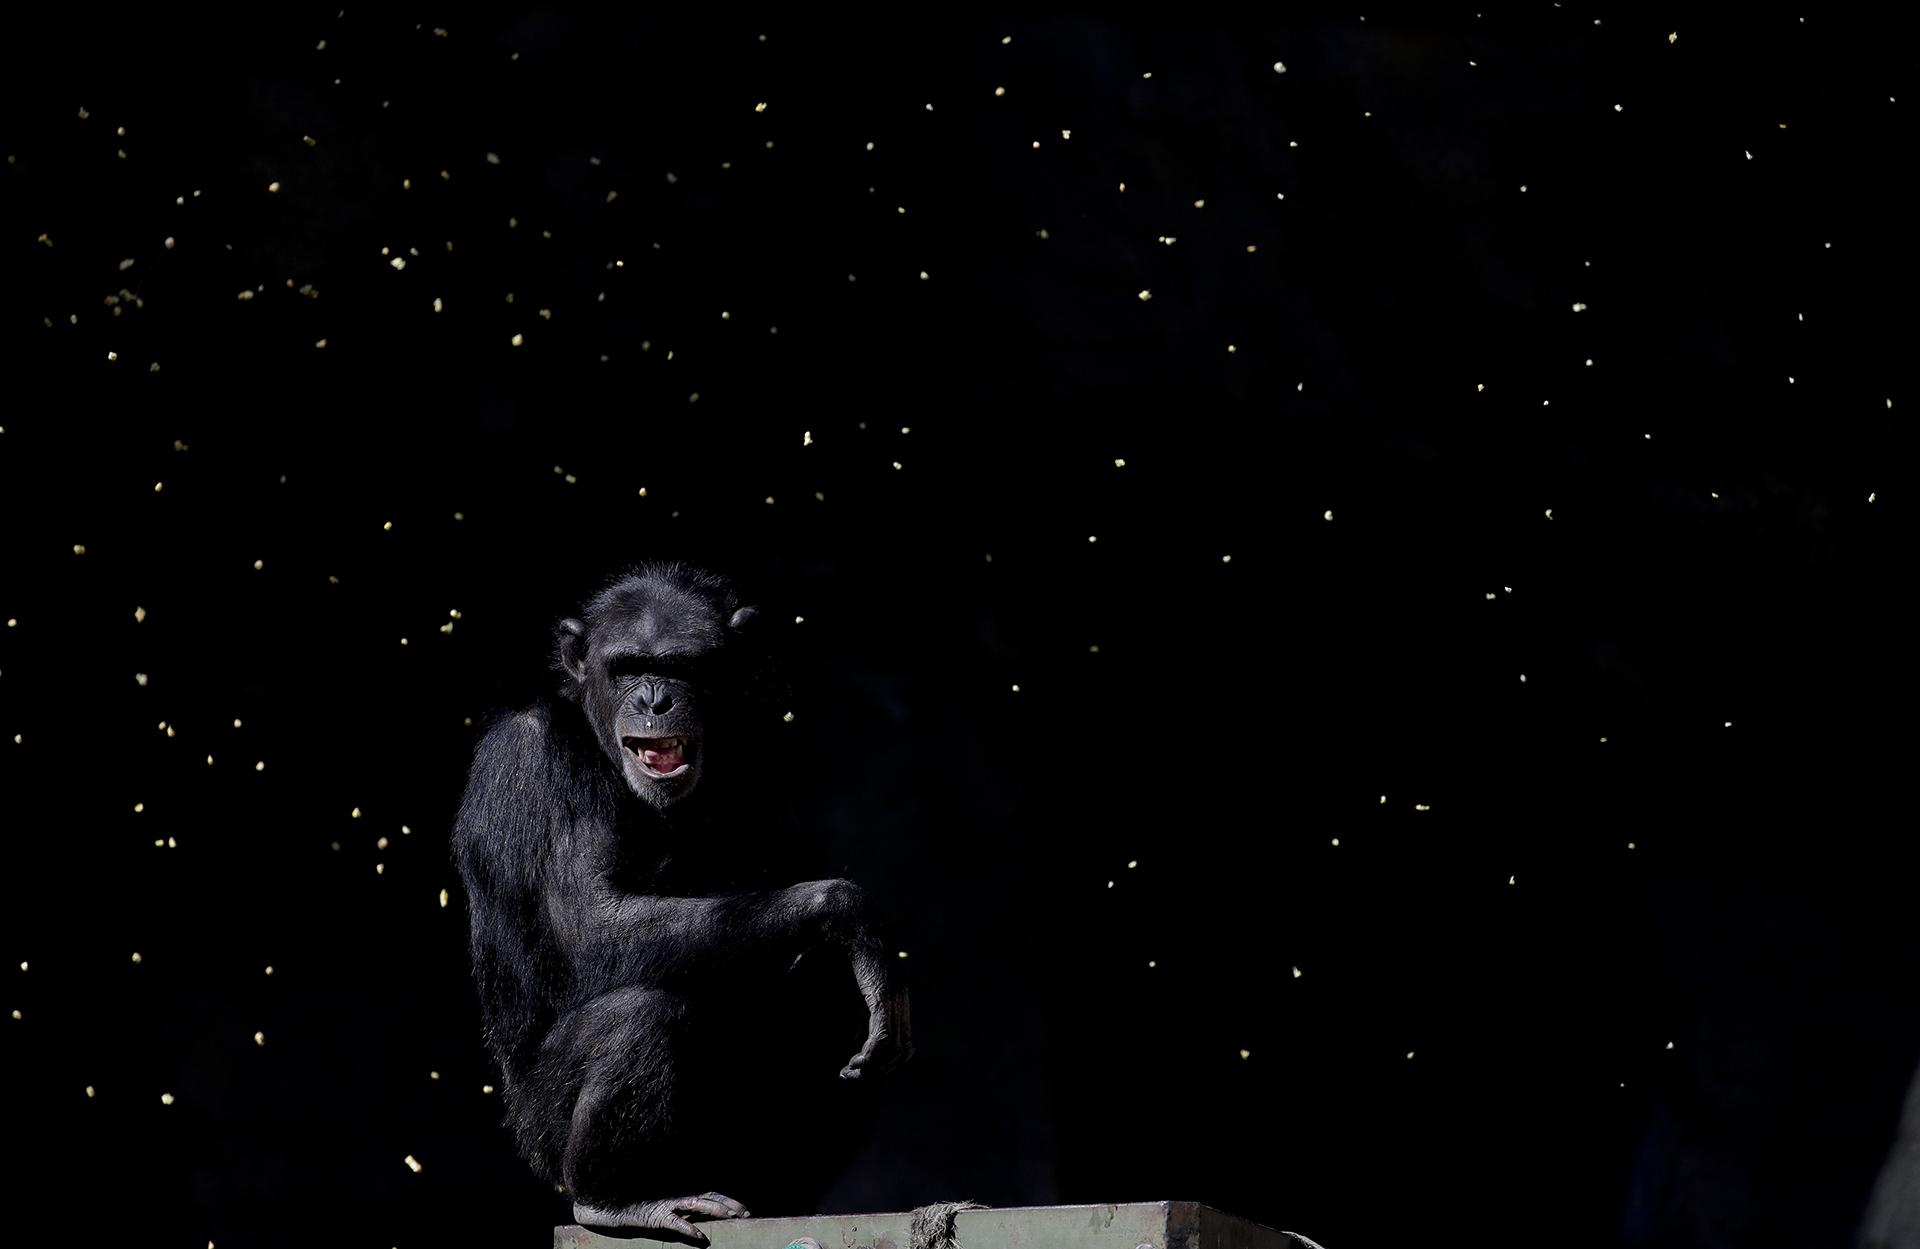 Un chimpancé observa aun trabajador lanzar puñados de grano en sujaula